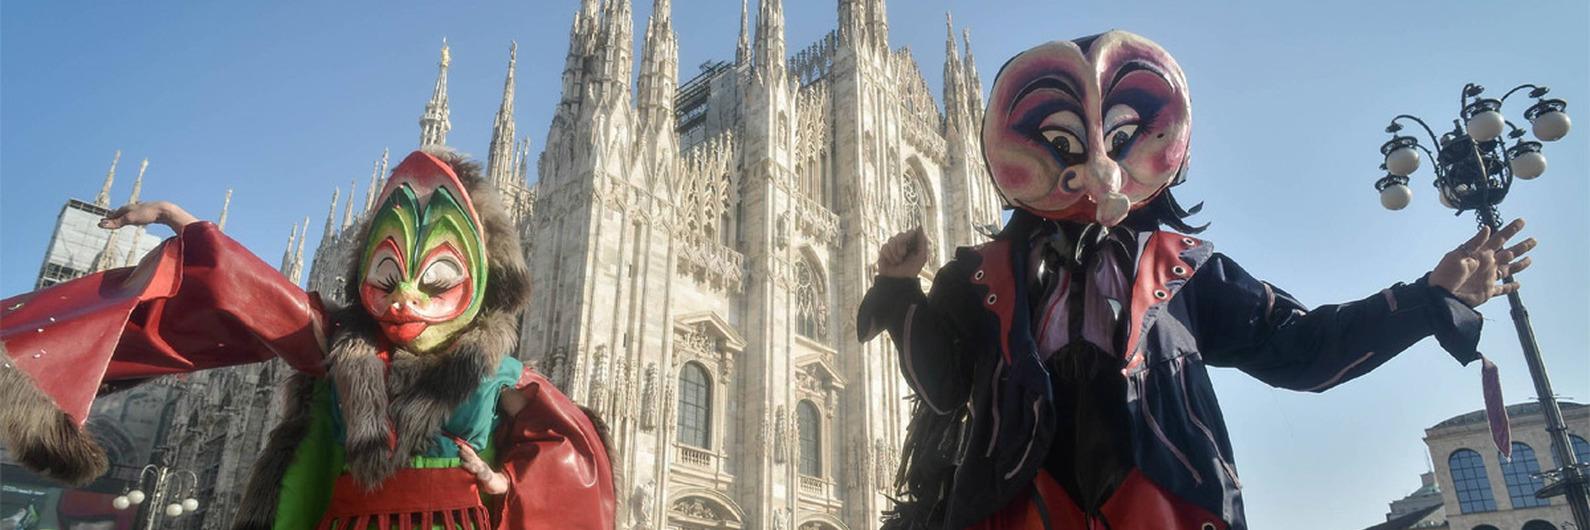 Descubra o 'Carnevale Ambrosiano' em Milão